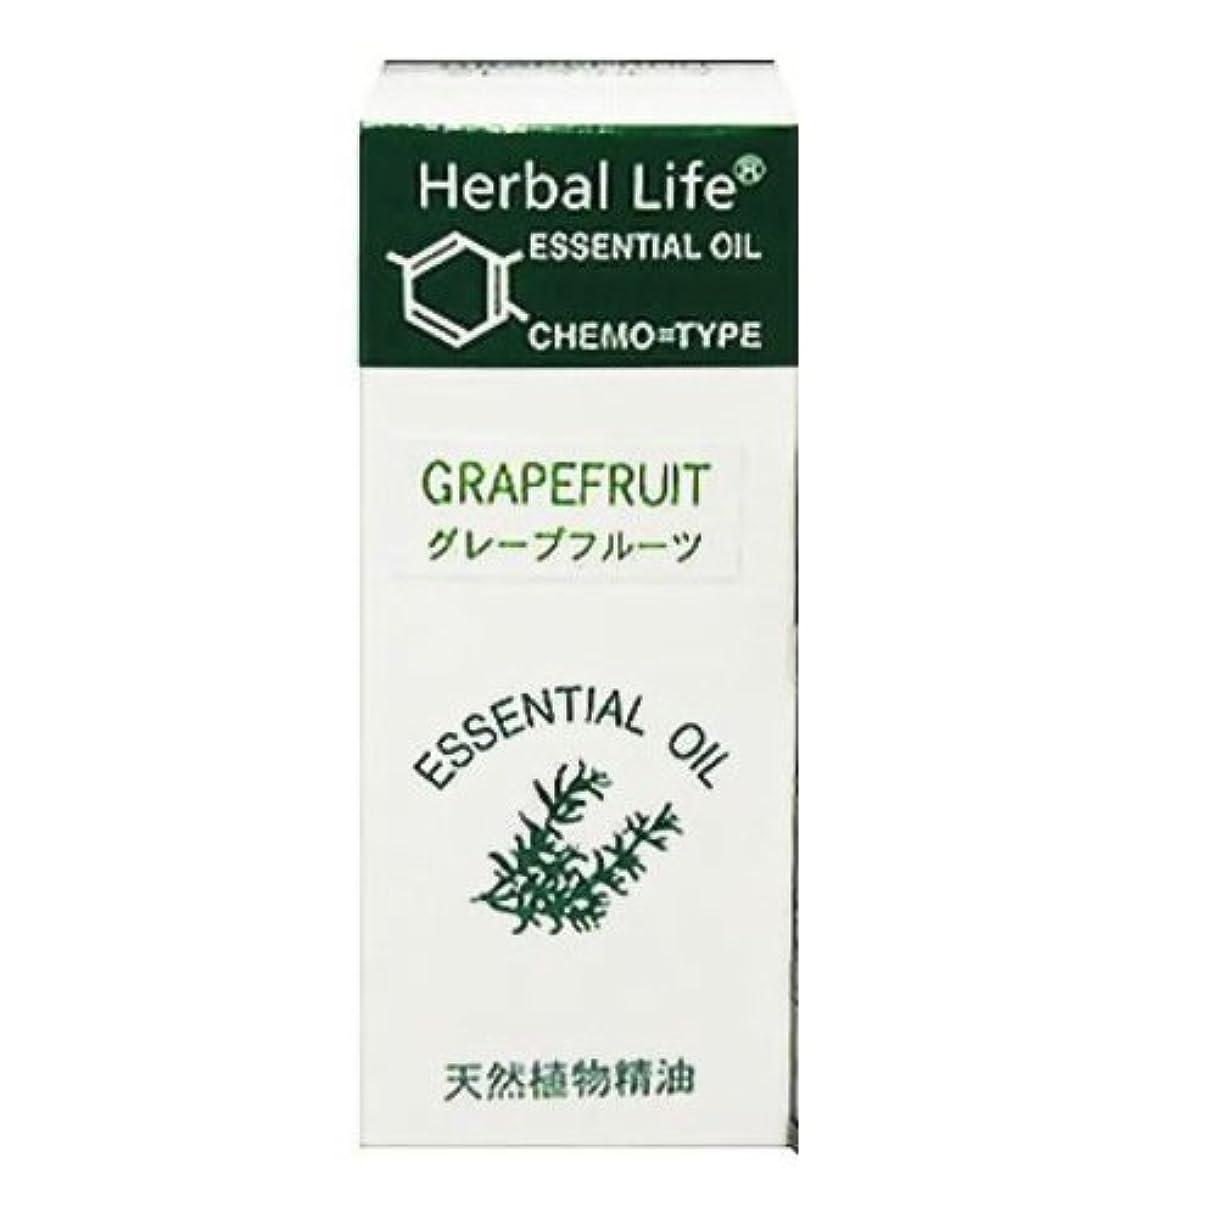 ヘルシー各差別化する生活の木 エッセンシャルオイル グレープフルーツ 10ml